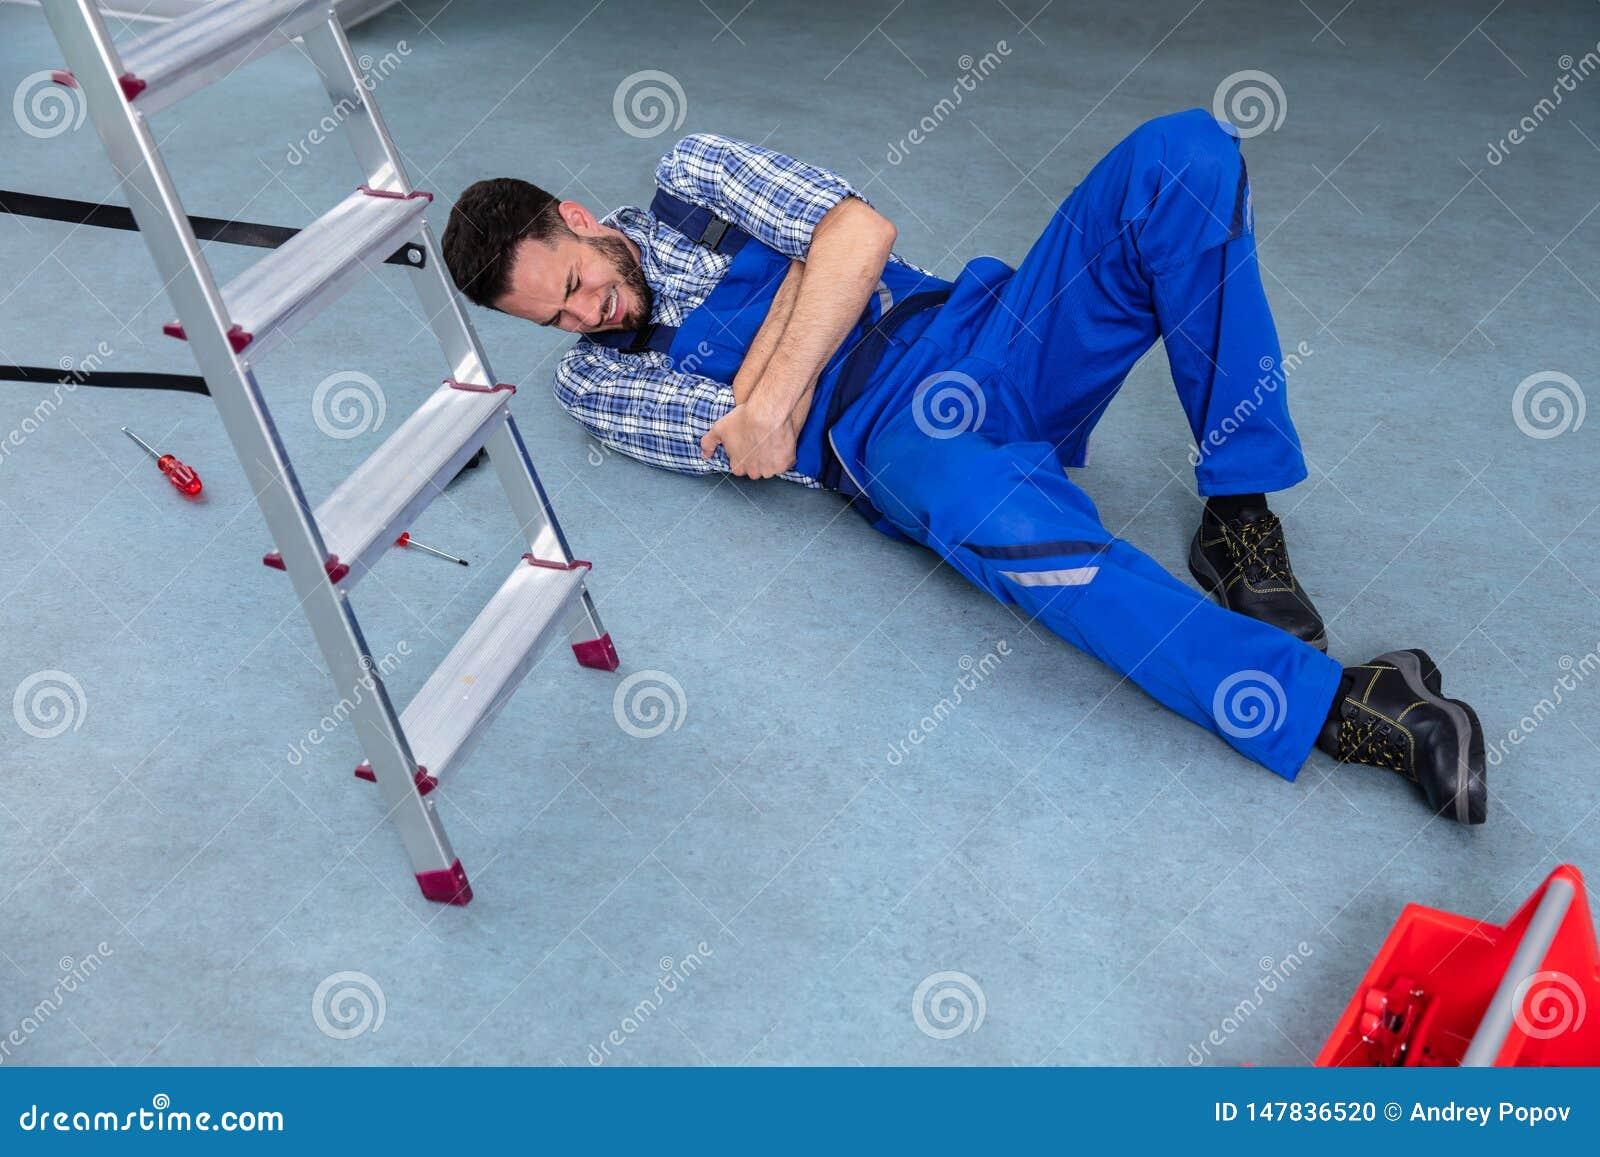 Manitas herida Lying On Floor